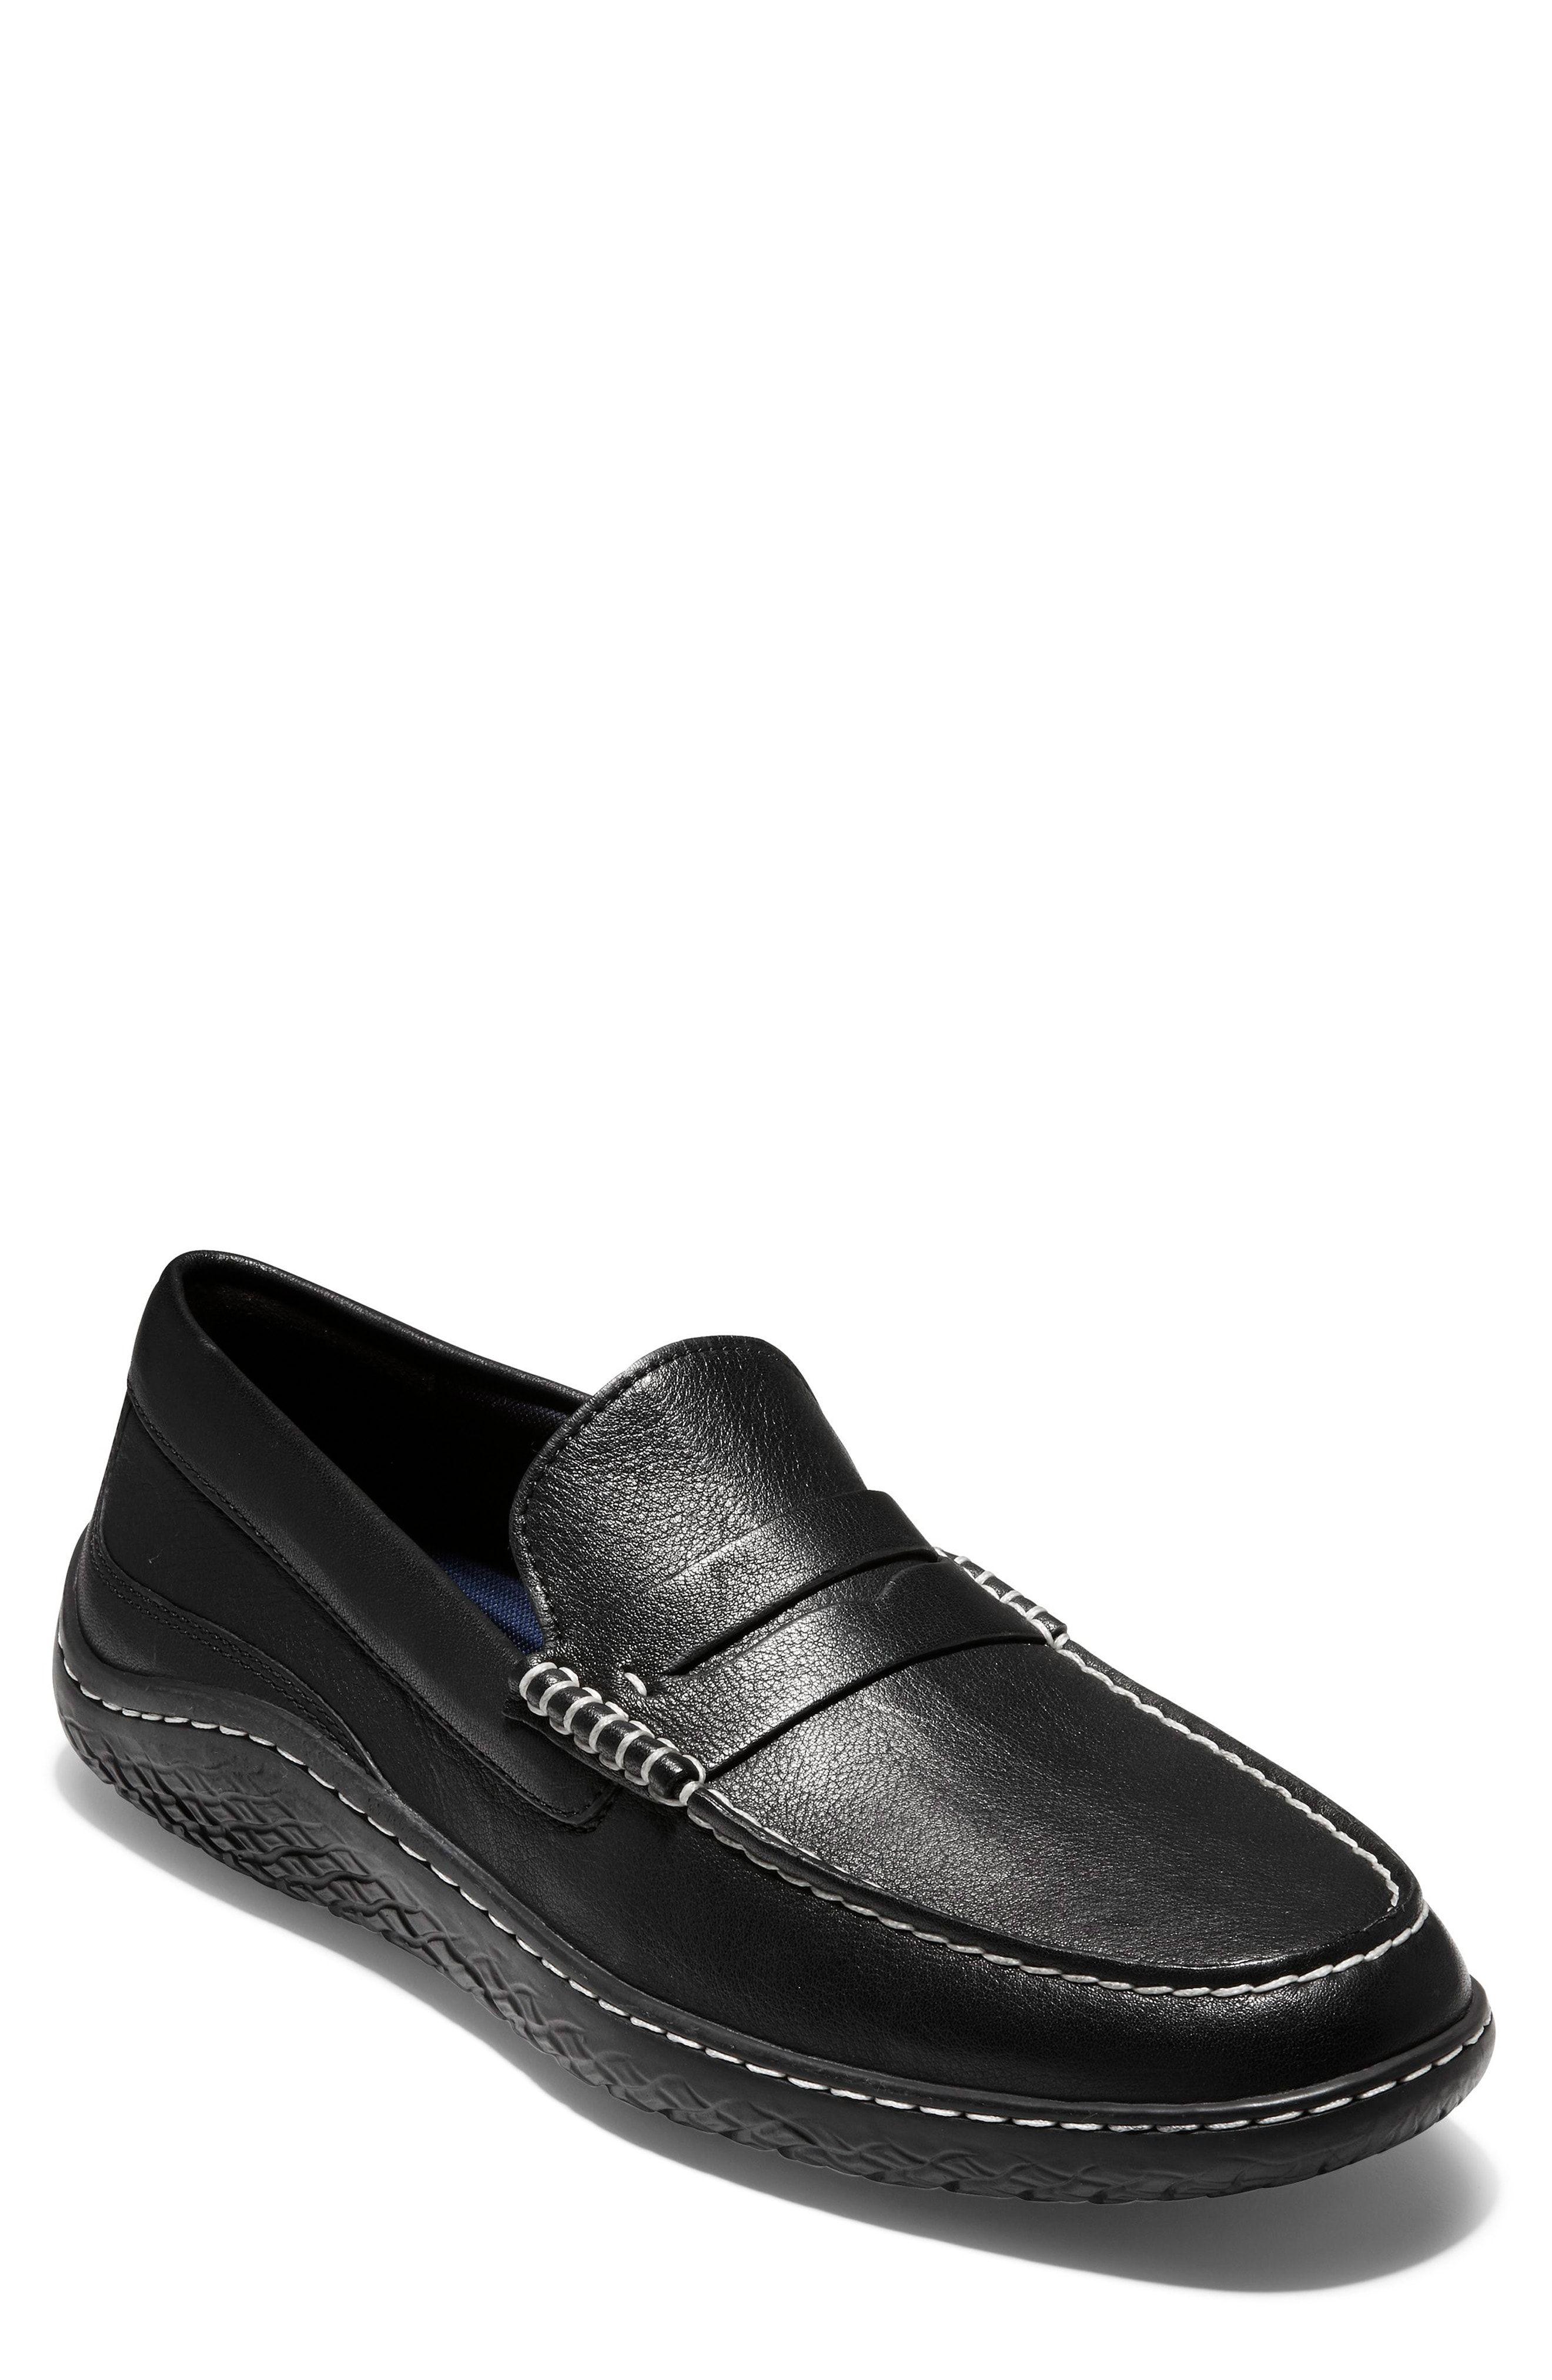 6ef4dc2cad5 COLE HAAN MOTOGRAND TRAVELER DRIVING SHOE.  colehaan  shoes